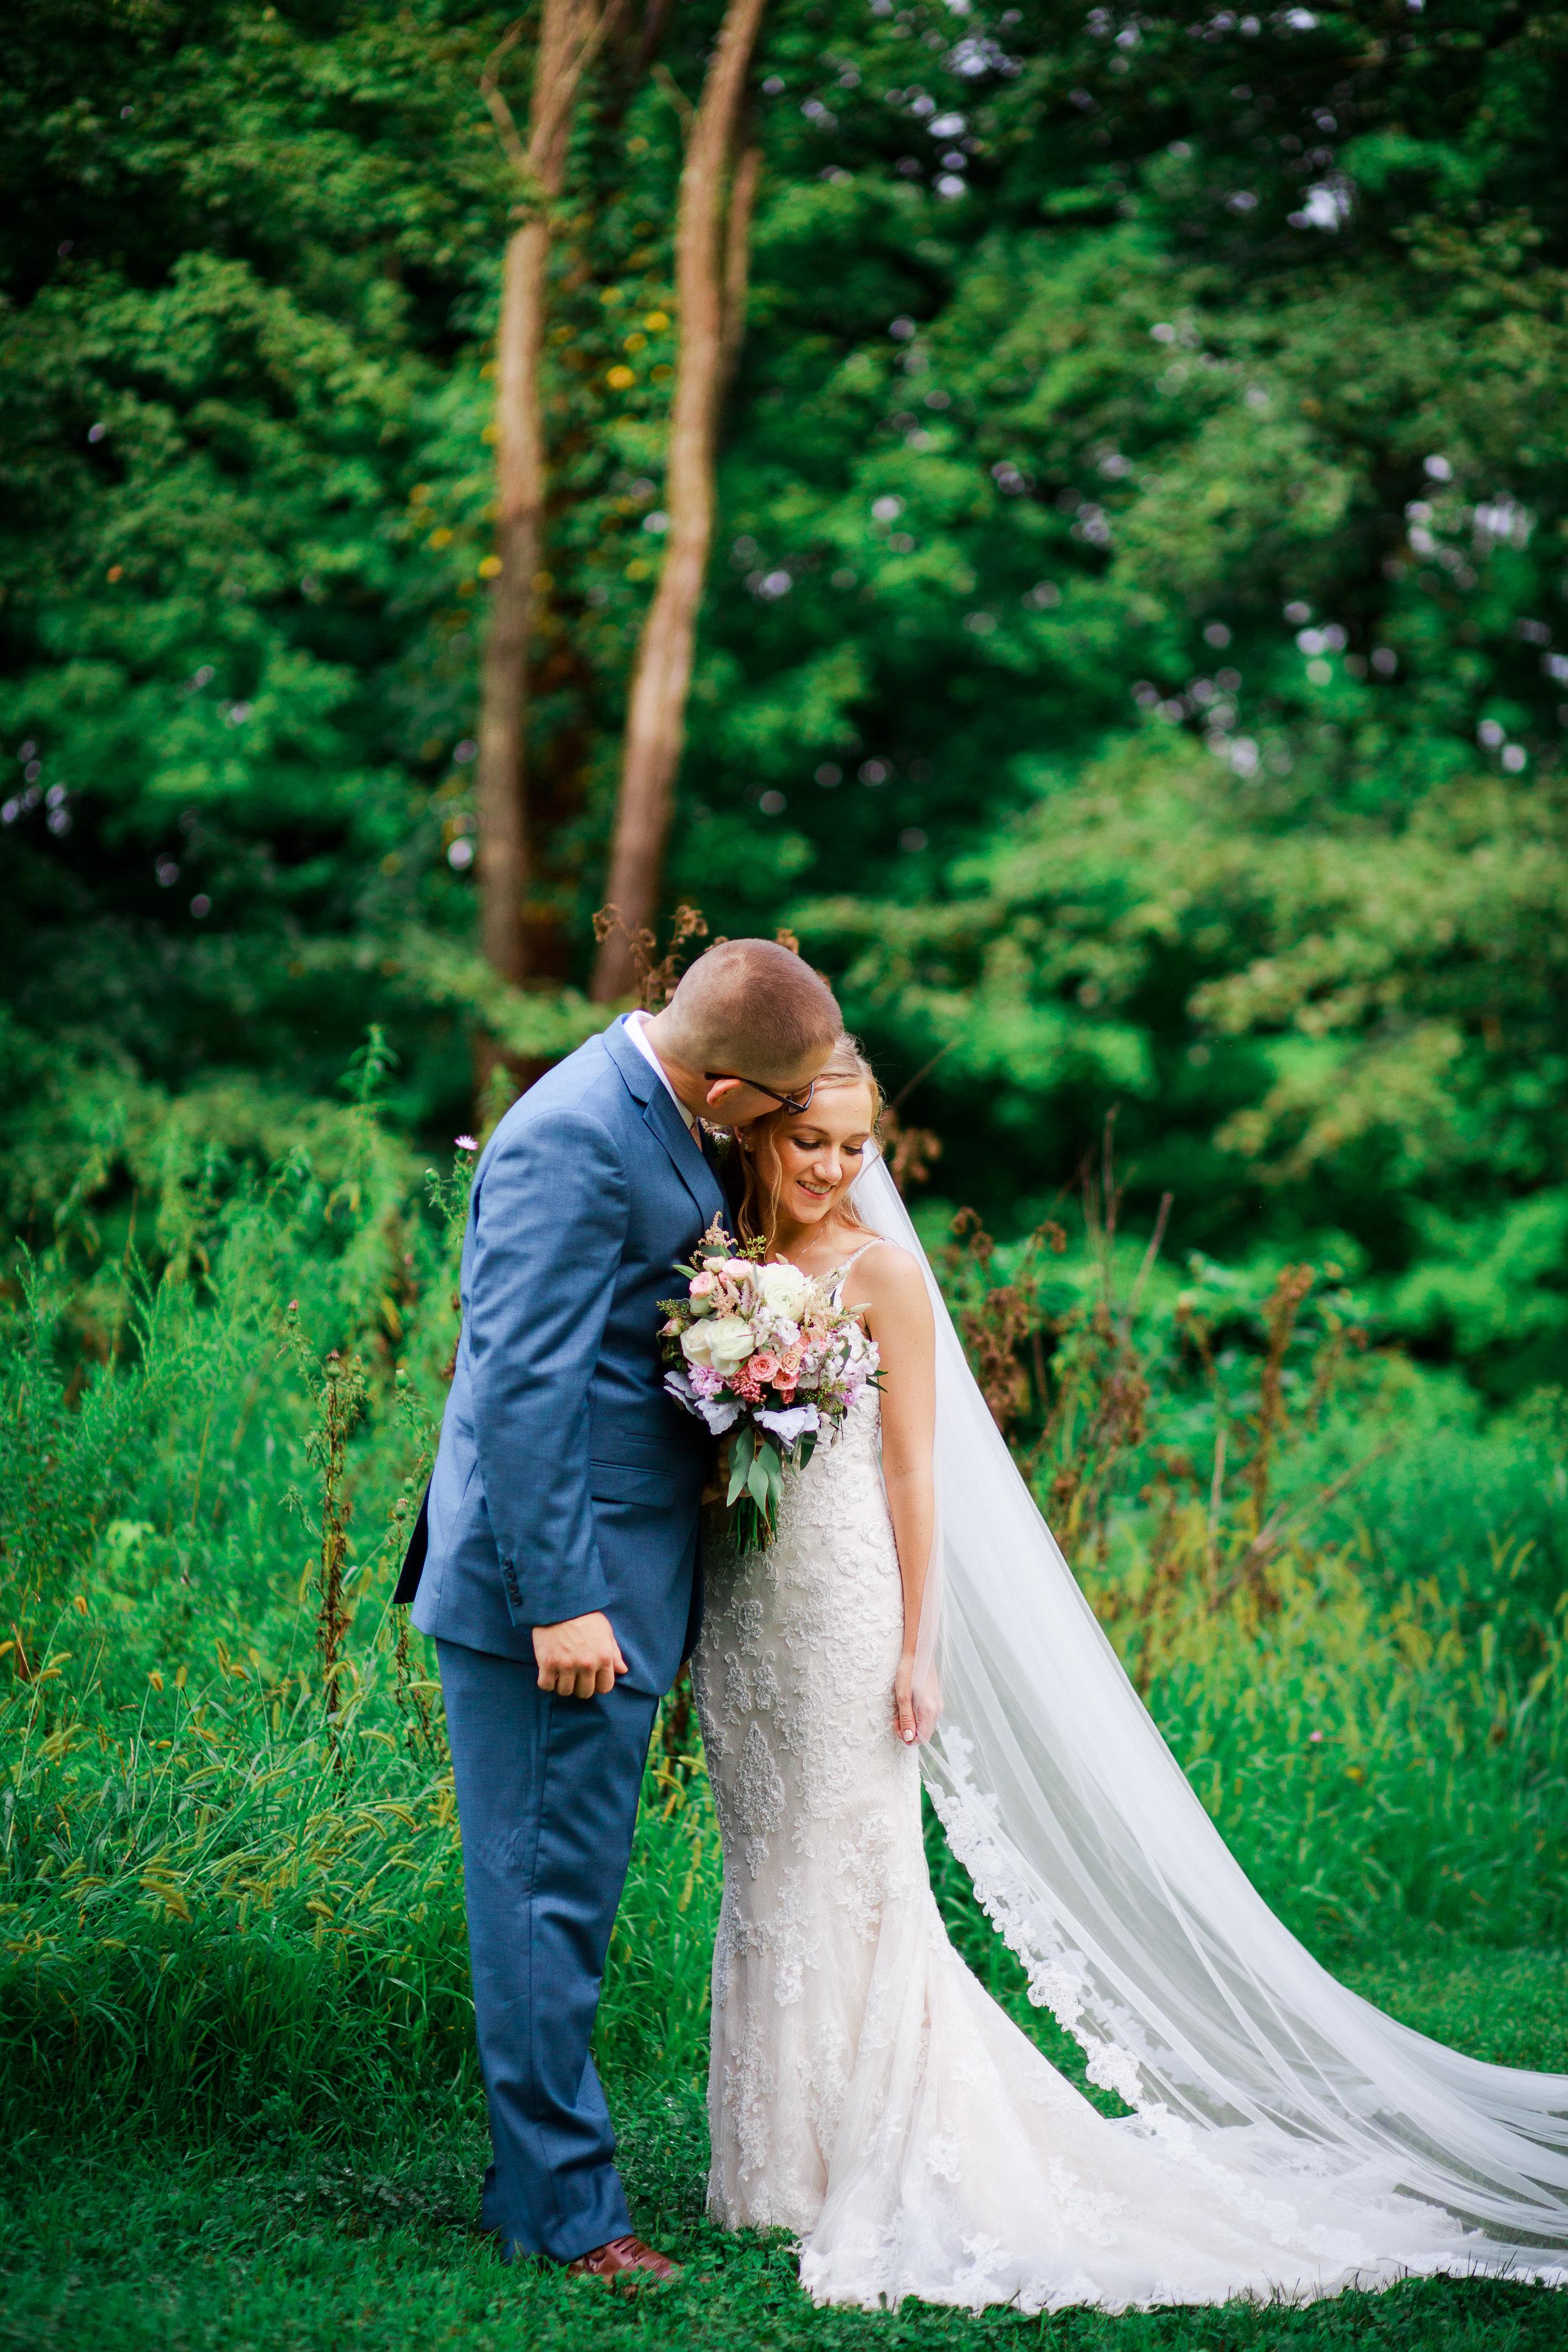 McCoy Wedding 2018 Sweet Alice Photography-625.jpg